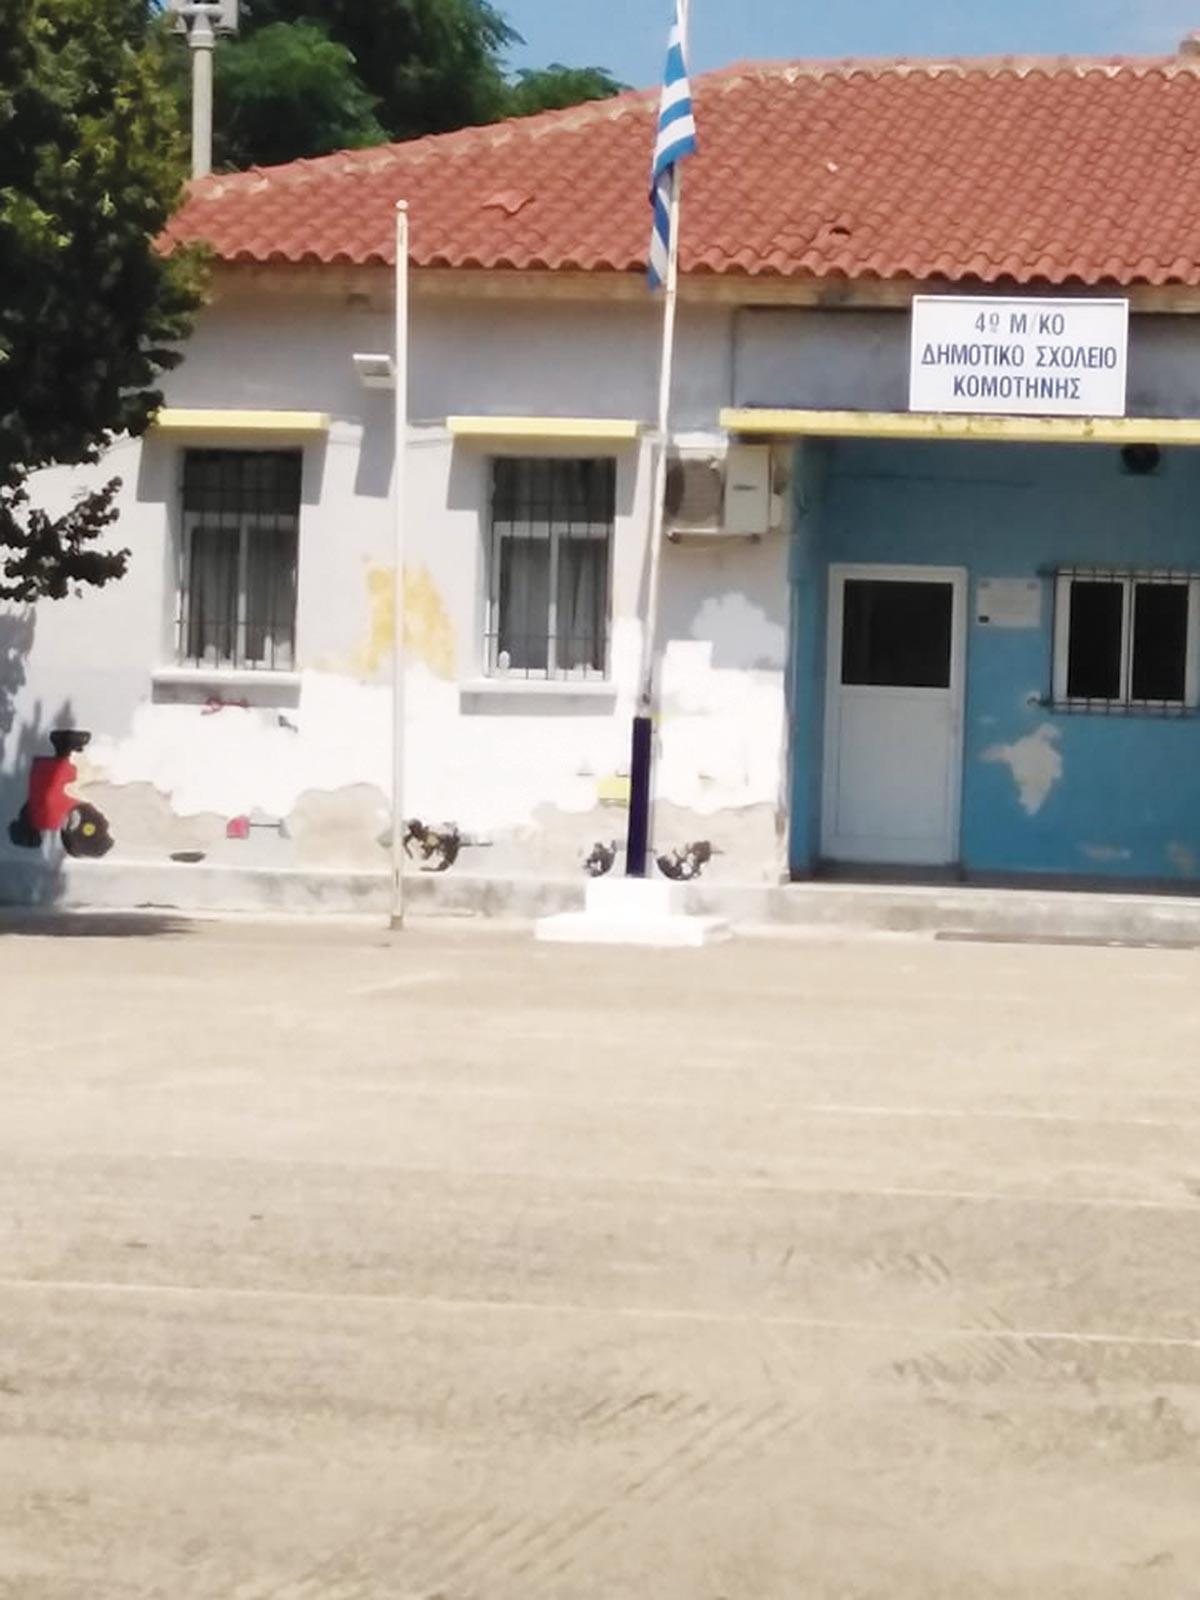 Ο στρατός ανακαίνισε το μειονοτικό σχολείο Ηφαίστου - Φωτογραφία 3